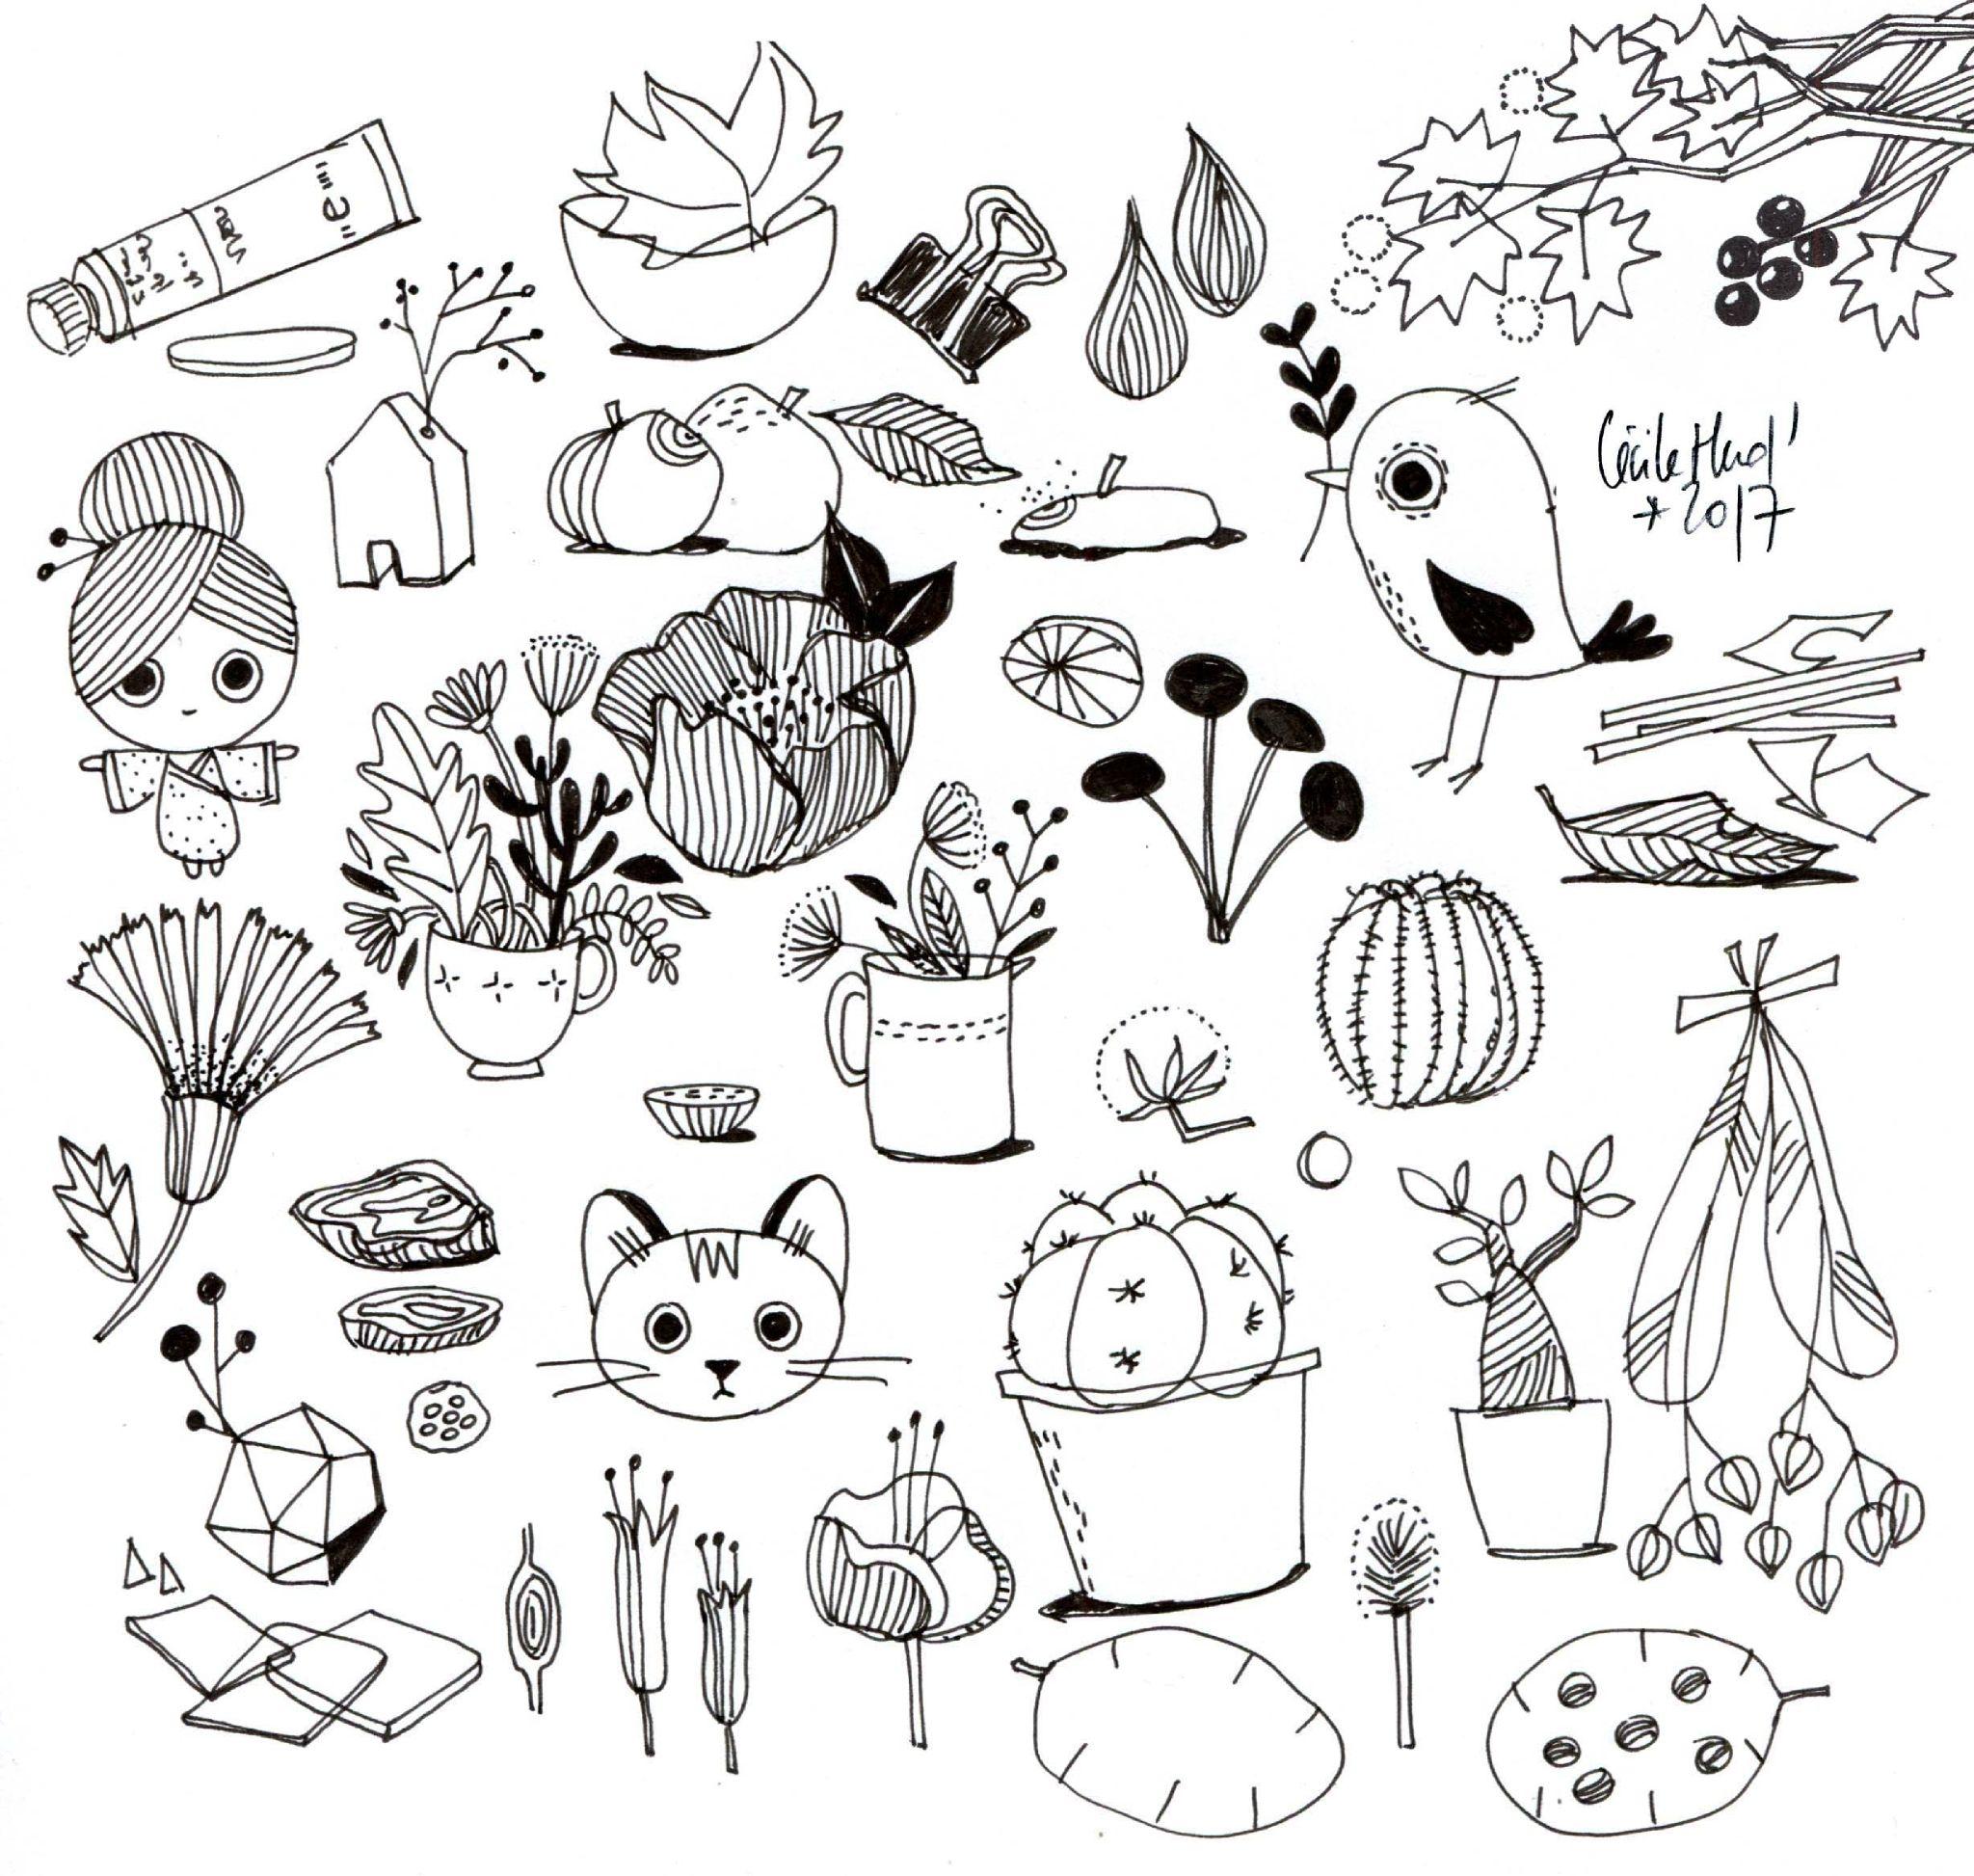 Doodles Cecile Hudrisier Dessin Nature Dessins Faciles Dessin